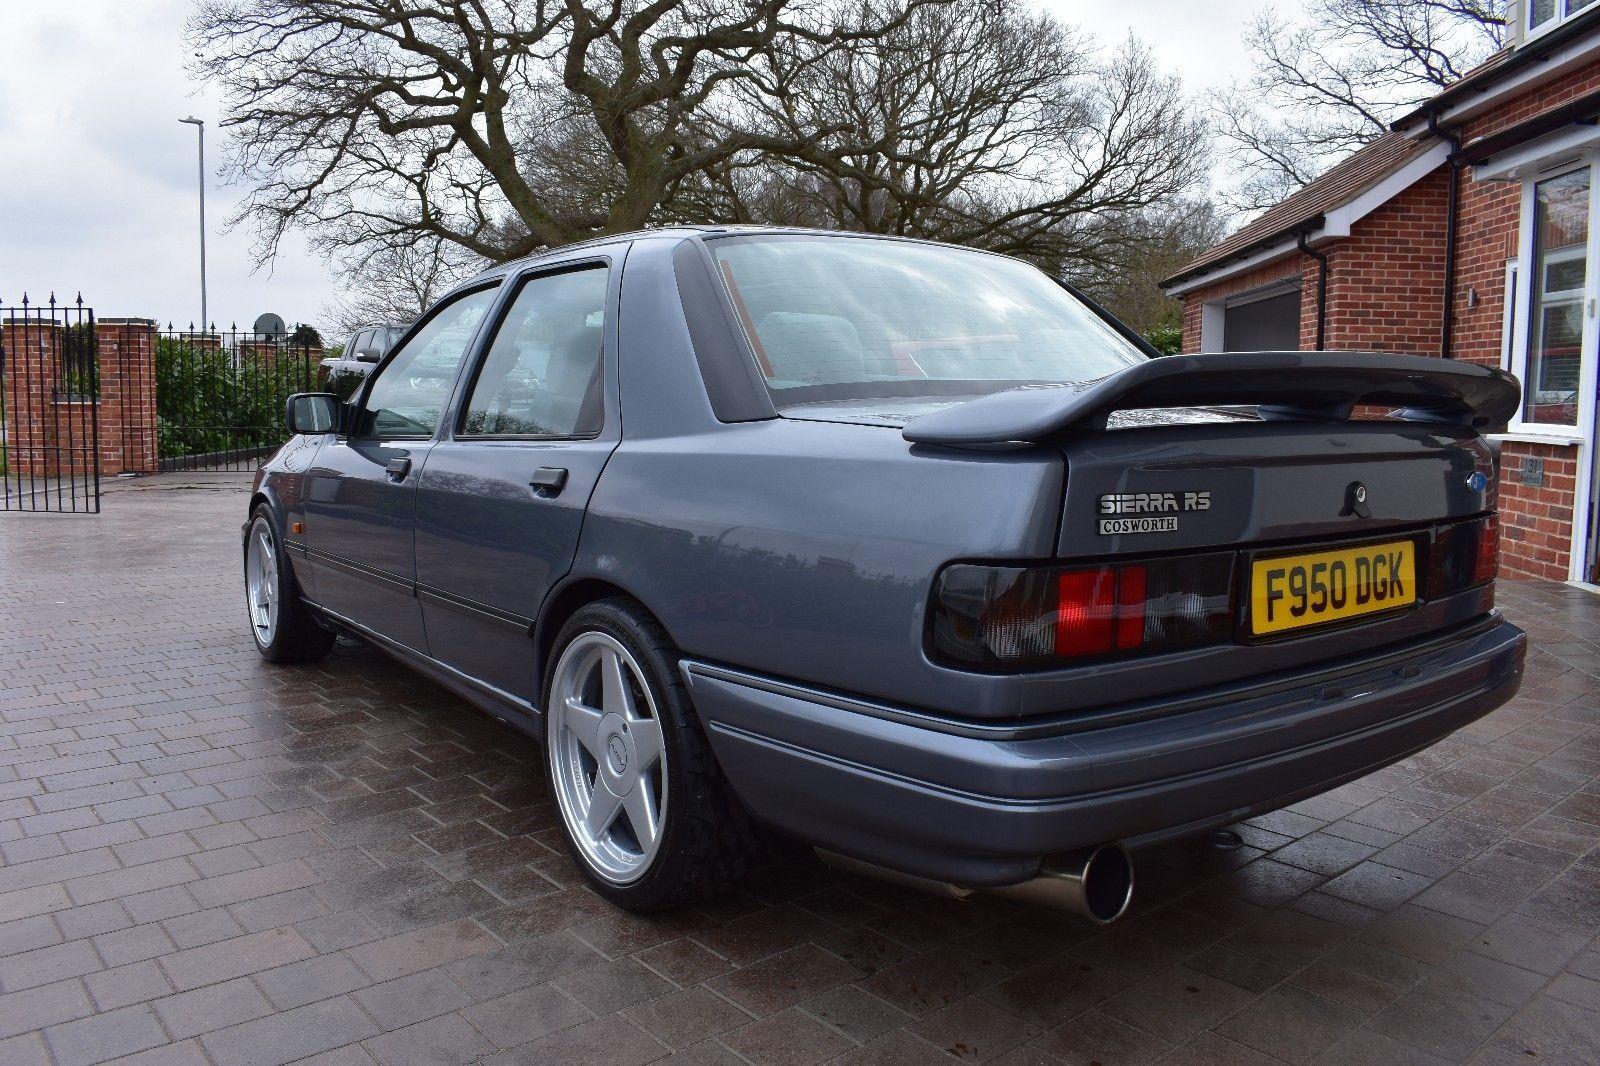 Ebay Ford Sierra Sapphire Rs Cosworth 1988 2wd Mercury Grey